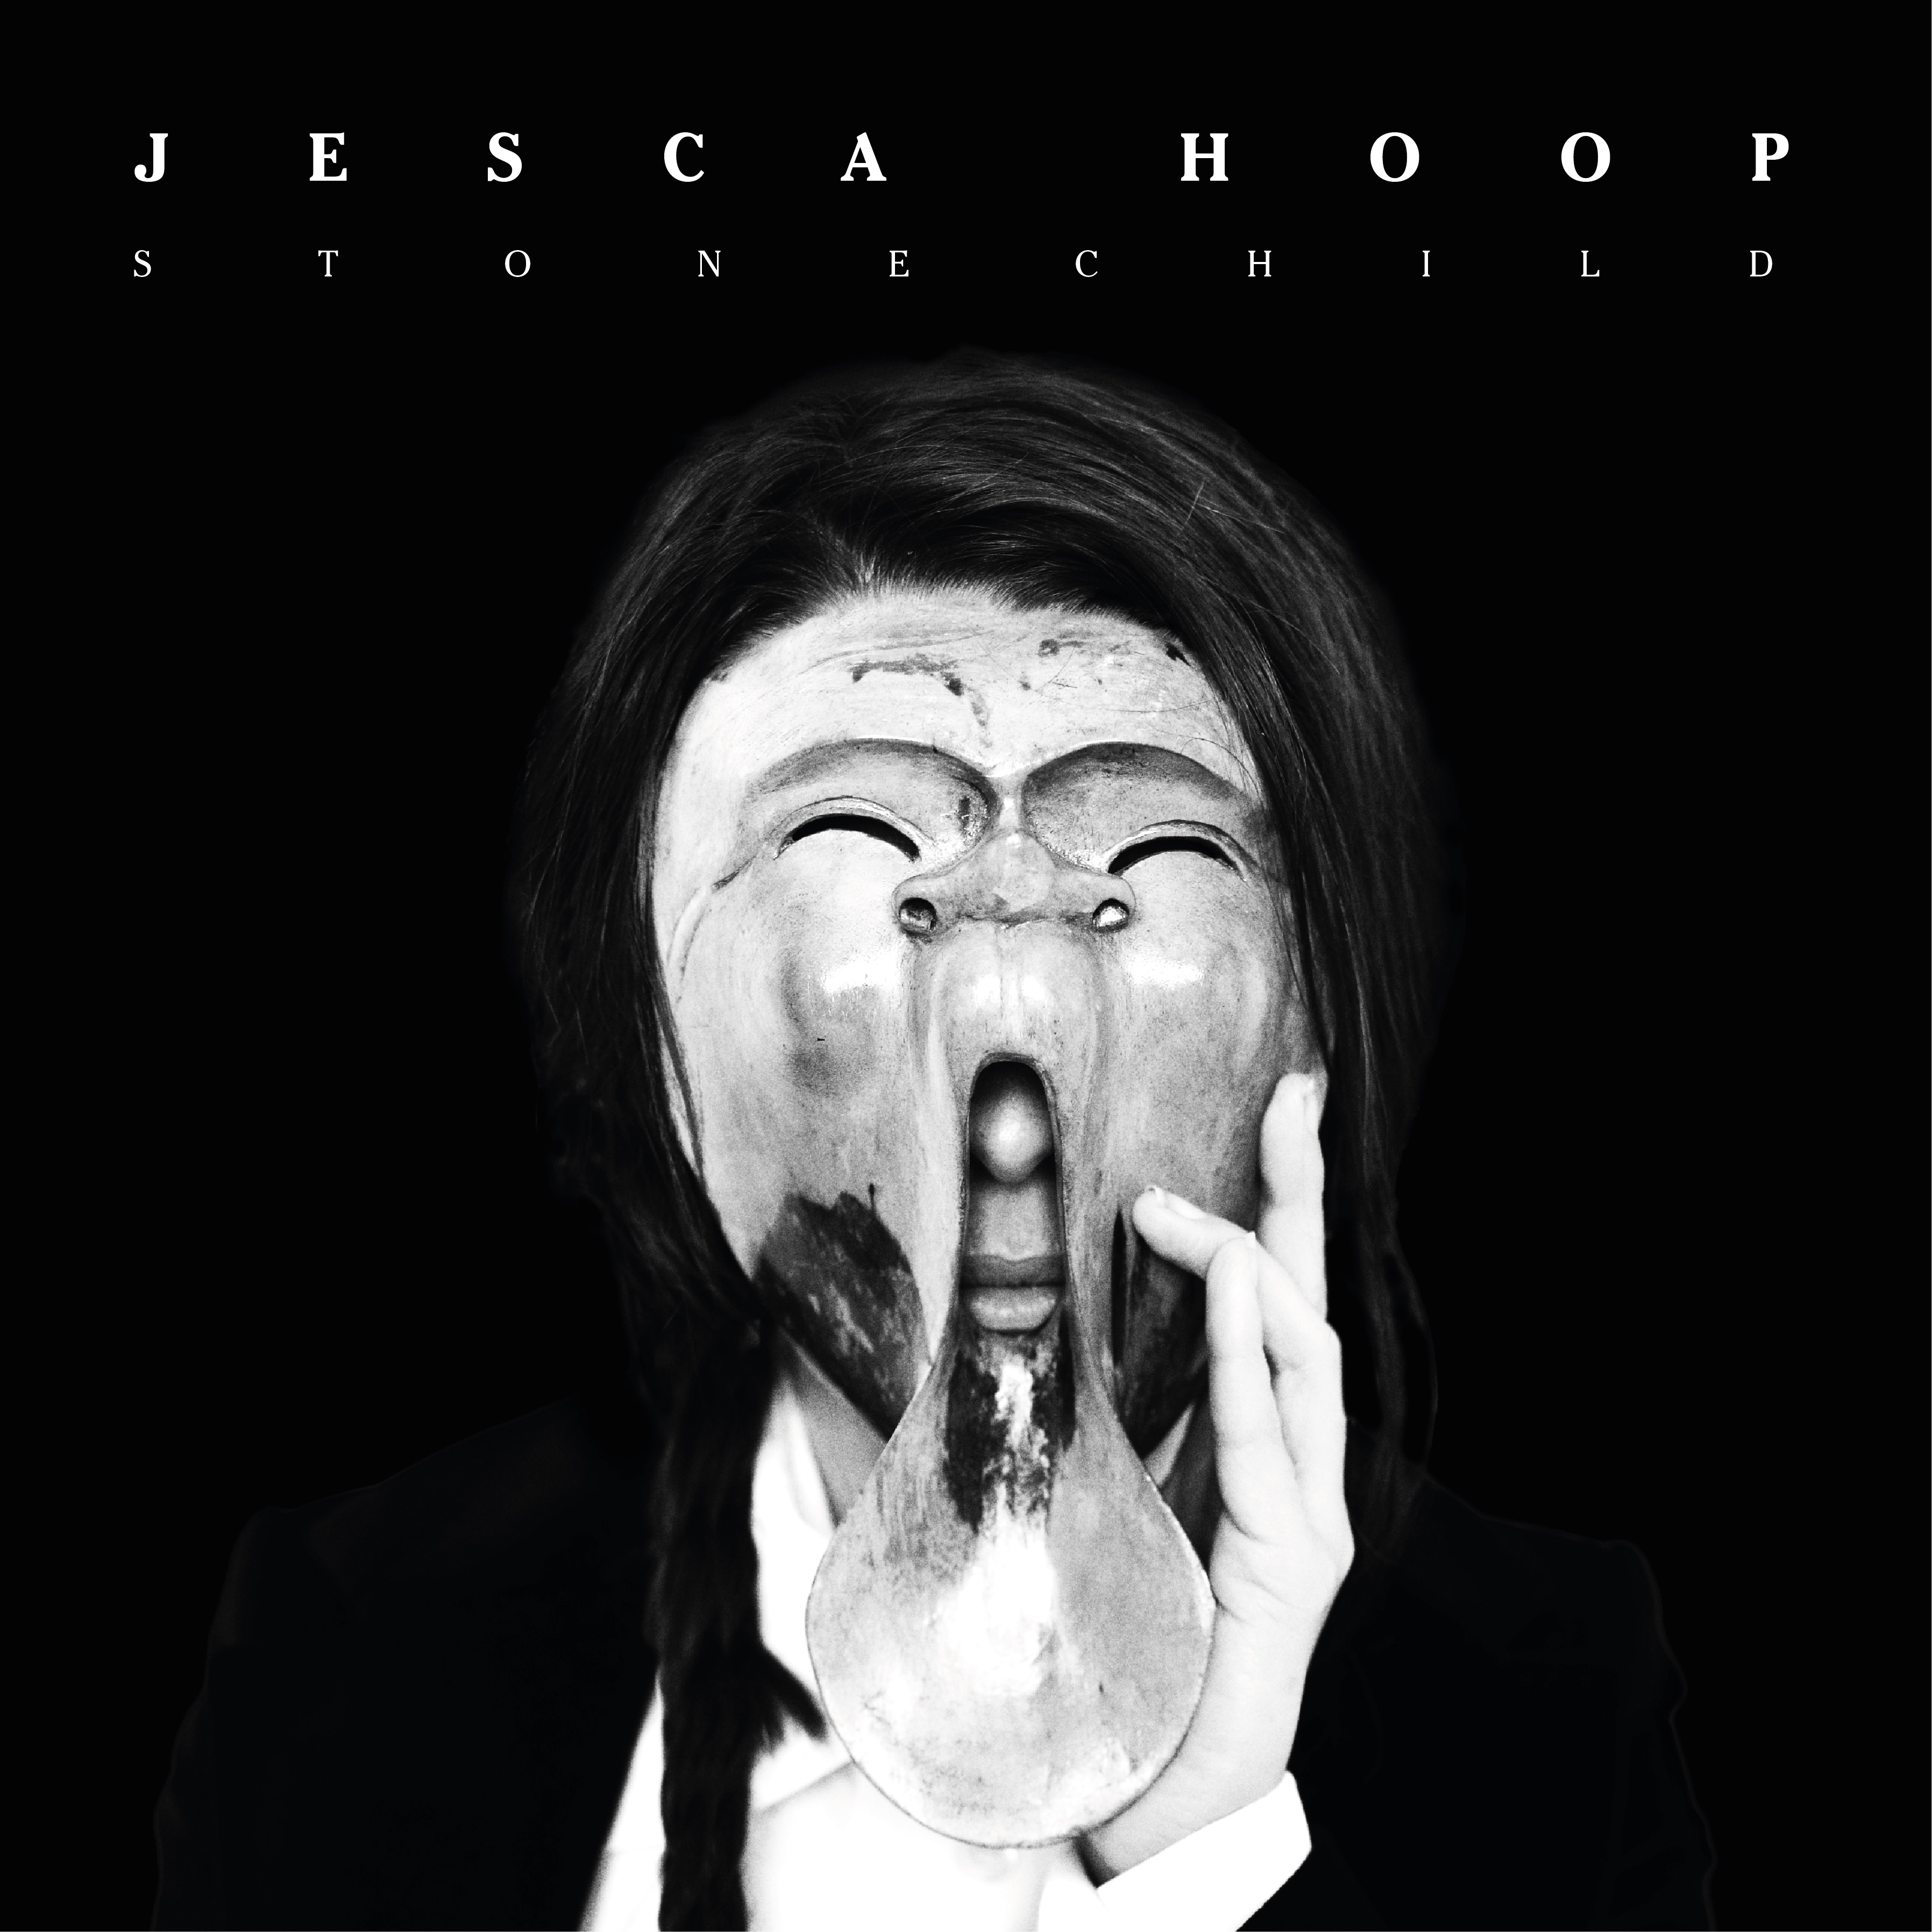 Jesca Hoop - STONECHILD - standard black 180g vinyl - Memphis Industries